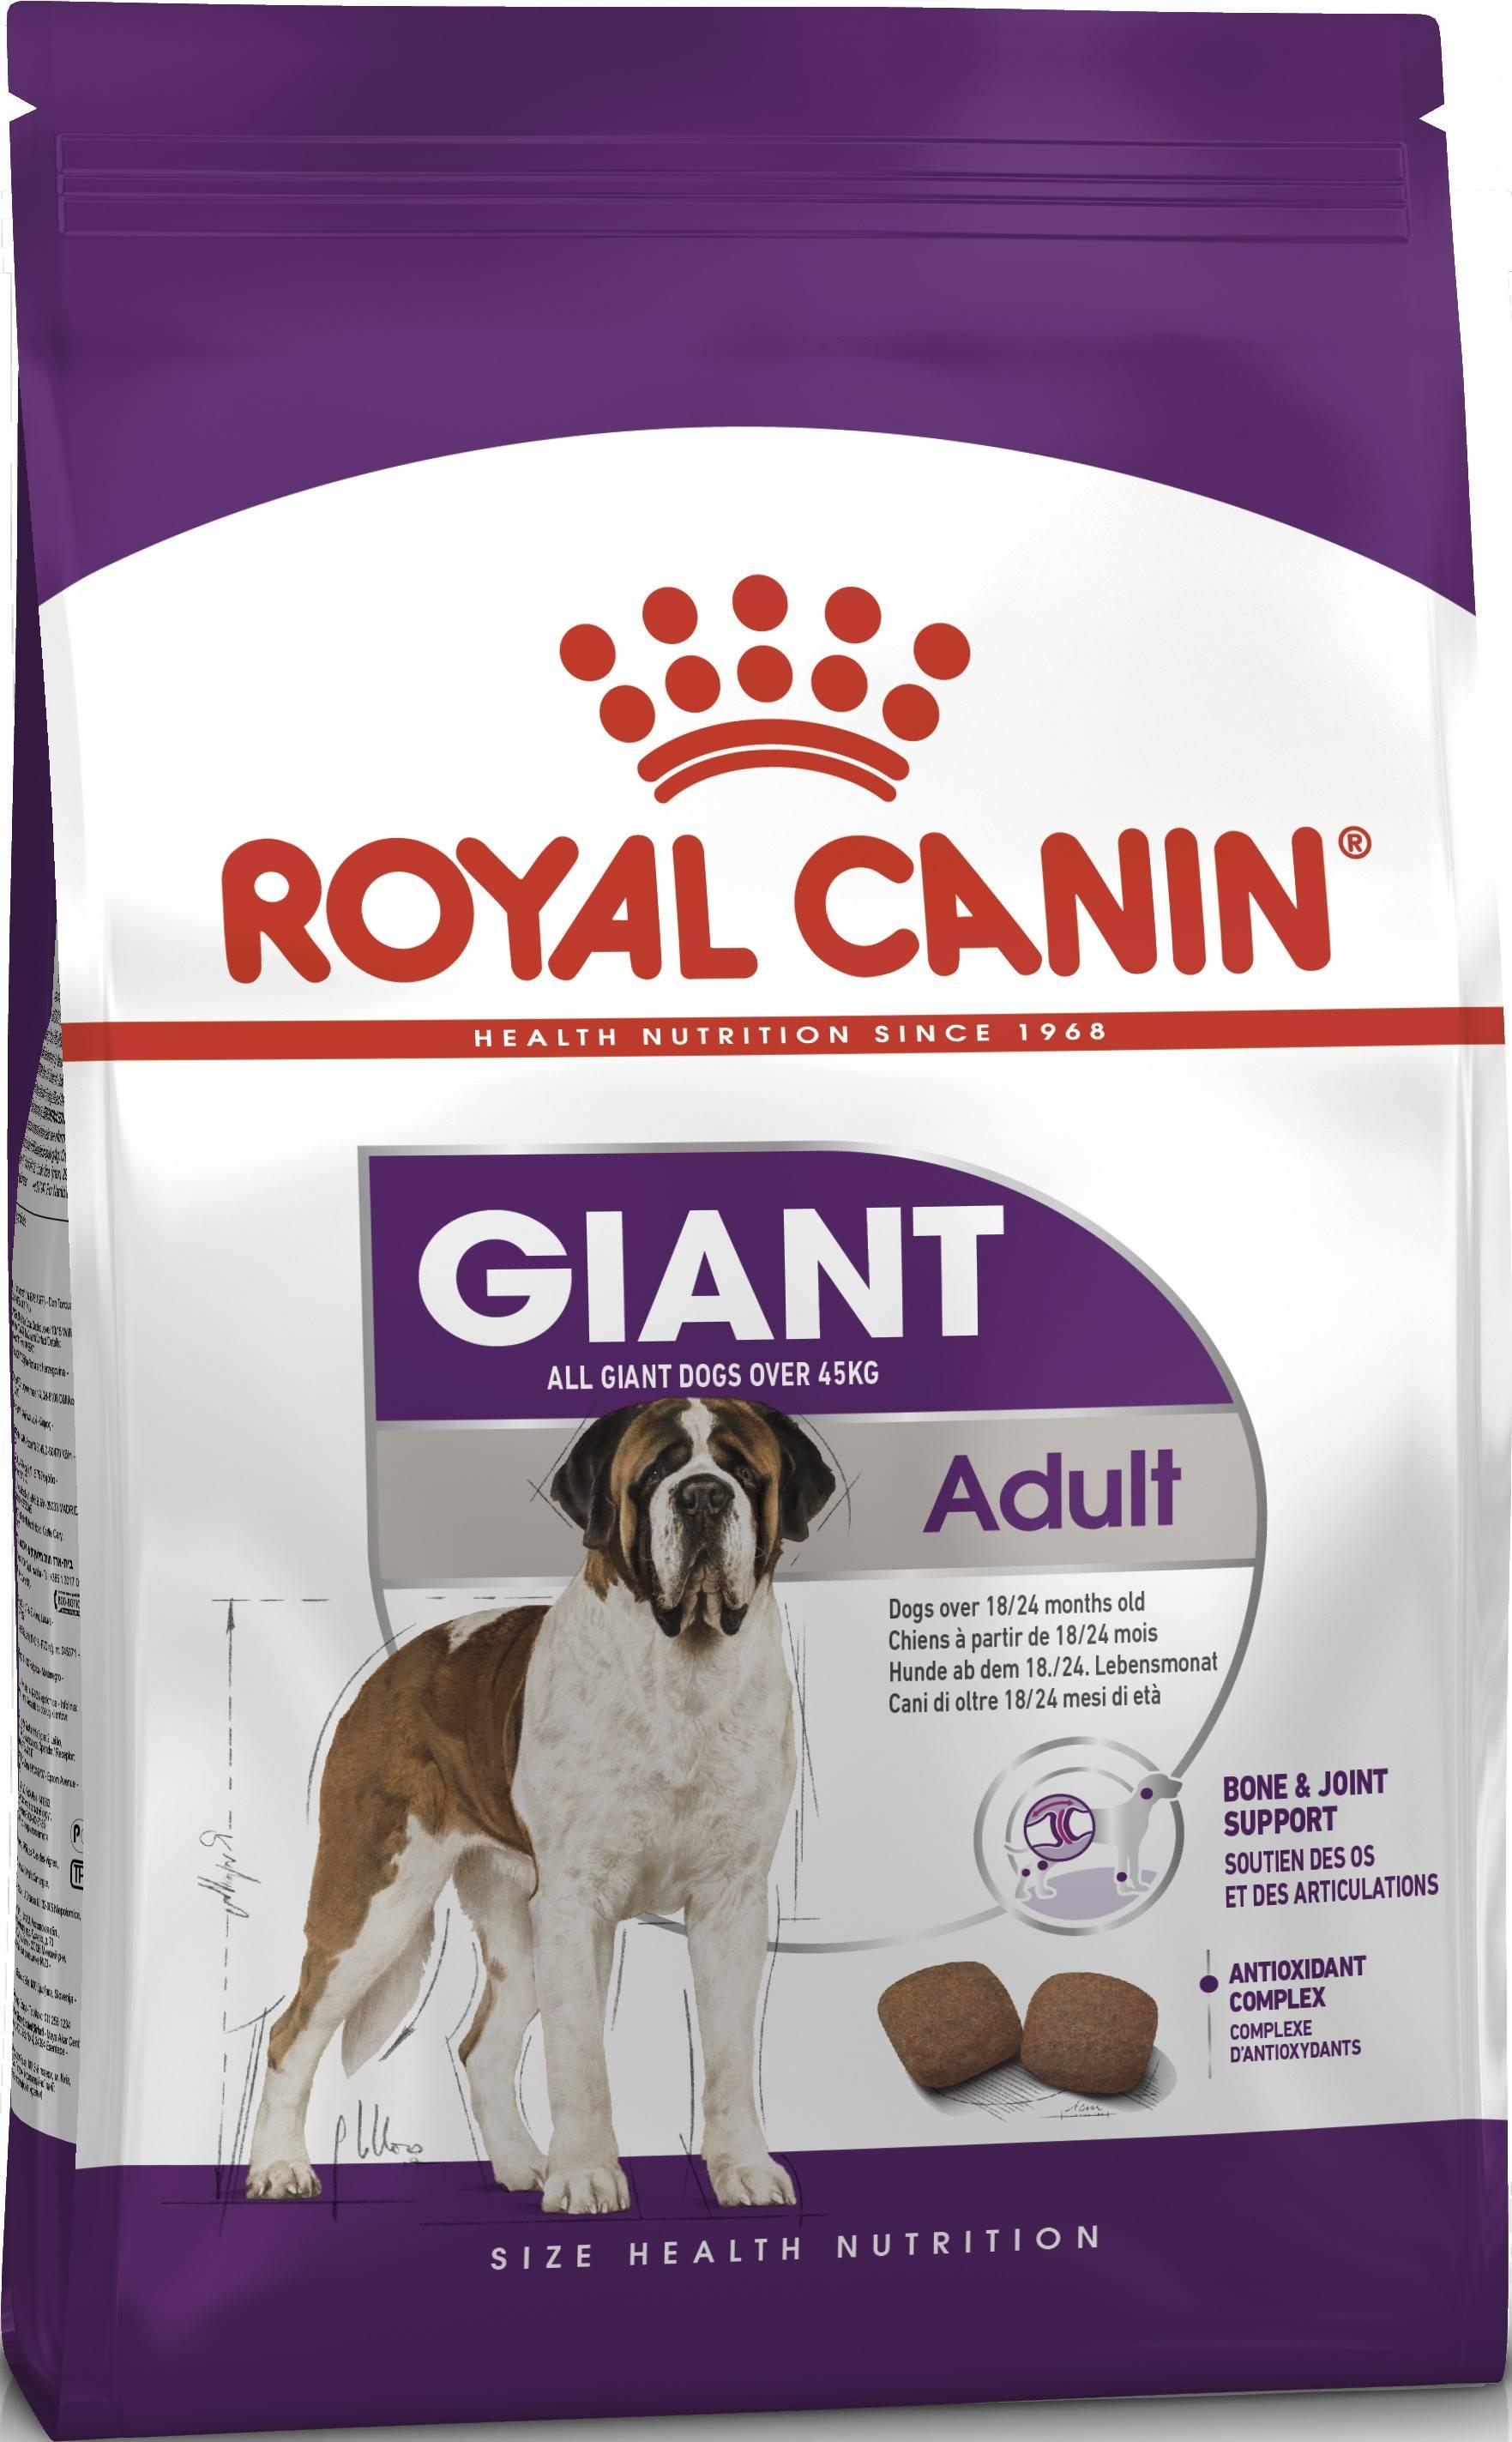 ROYAL CANIN GIANT ADULT – сухий корм для дорослих собак гігантських порід